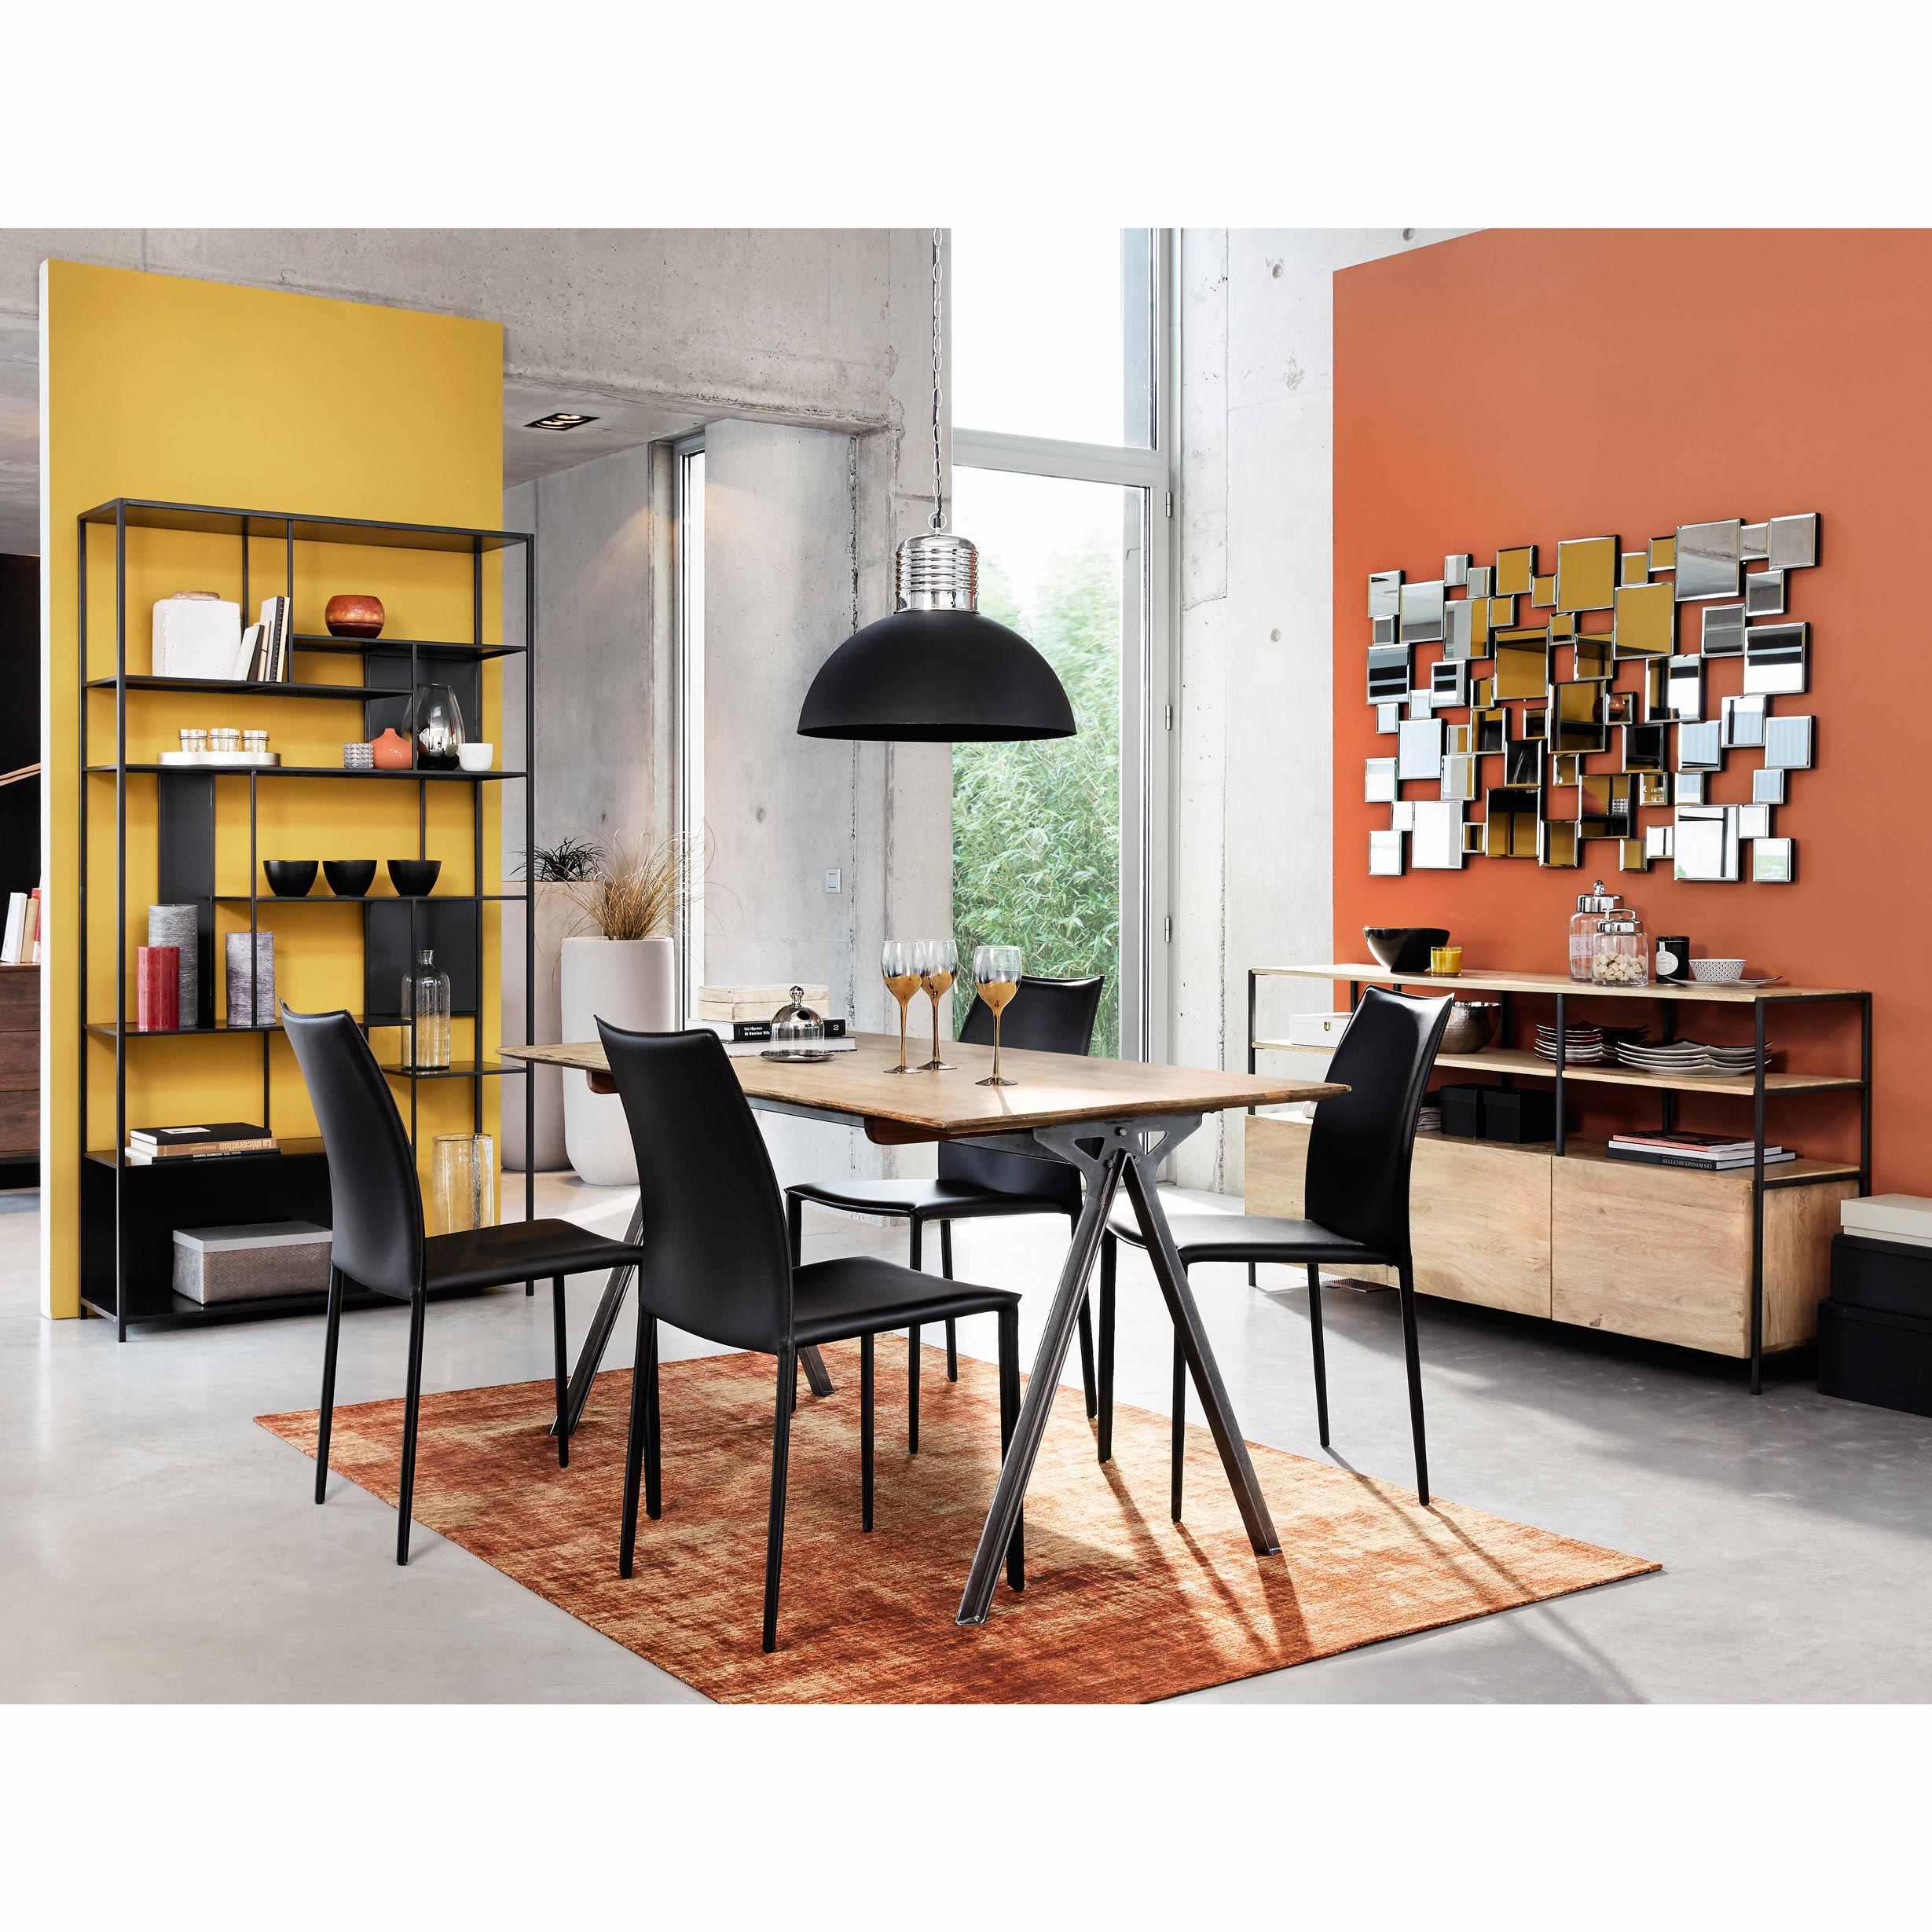 Credenze moderne, le proposte per il soggiorno | DireDonna